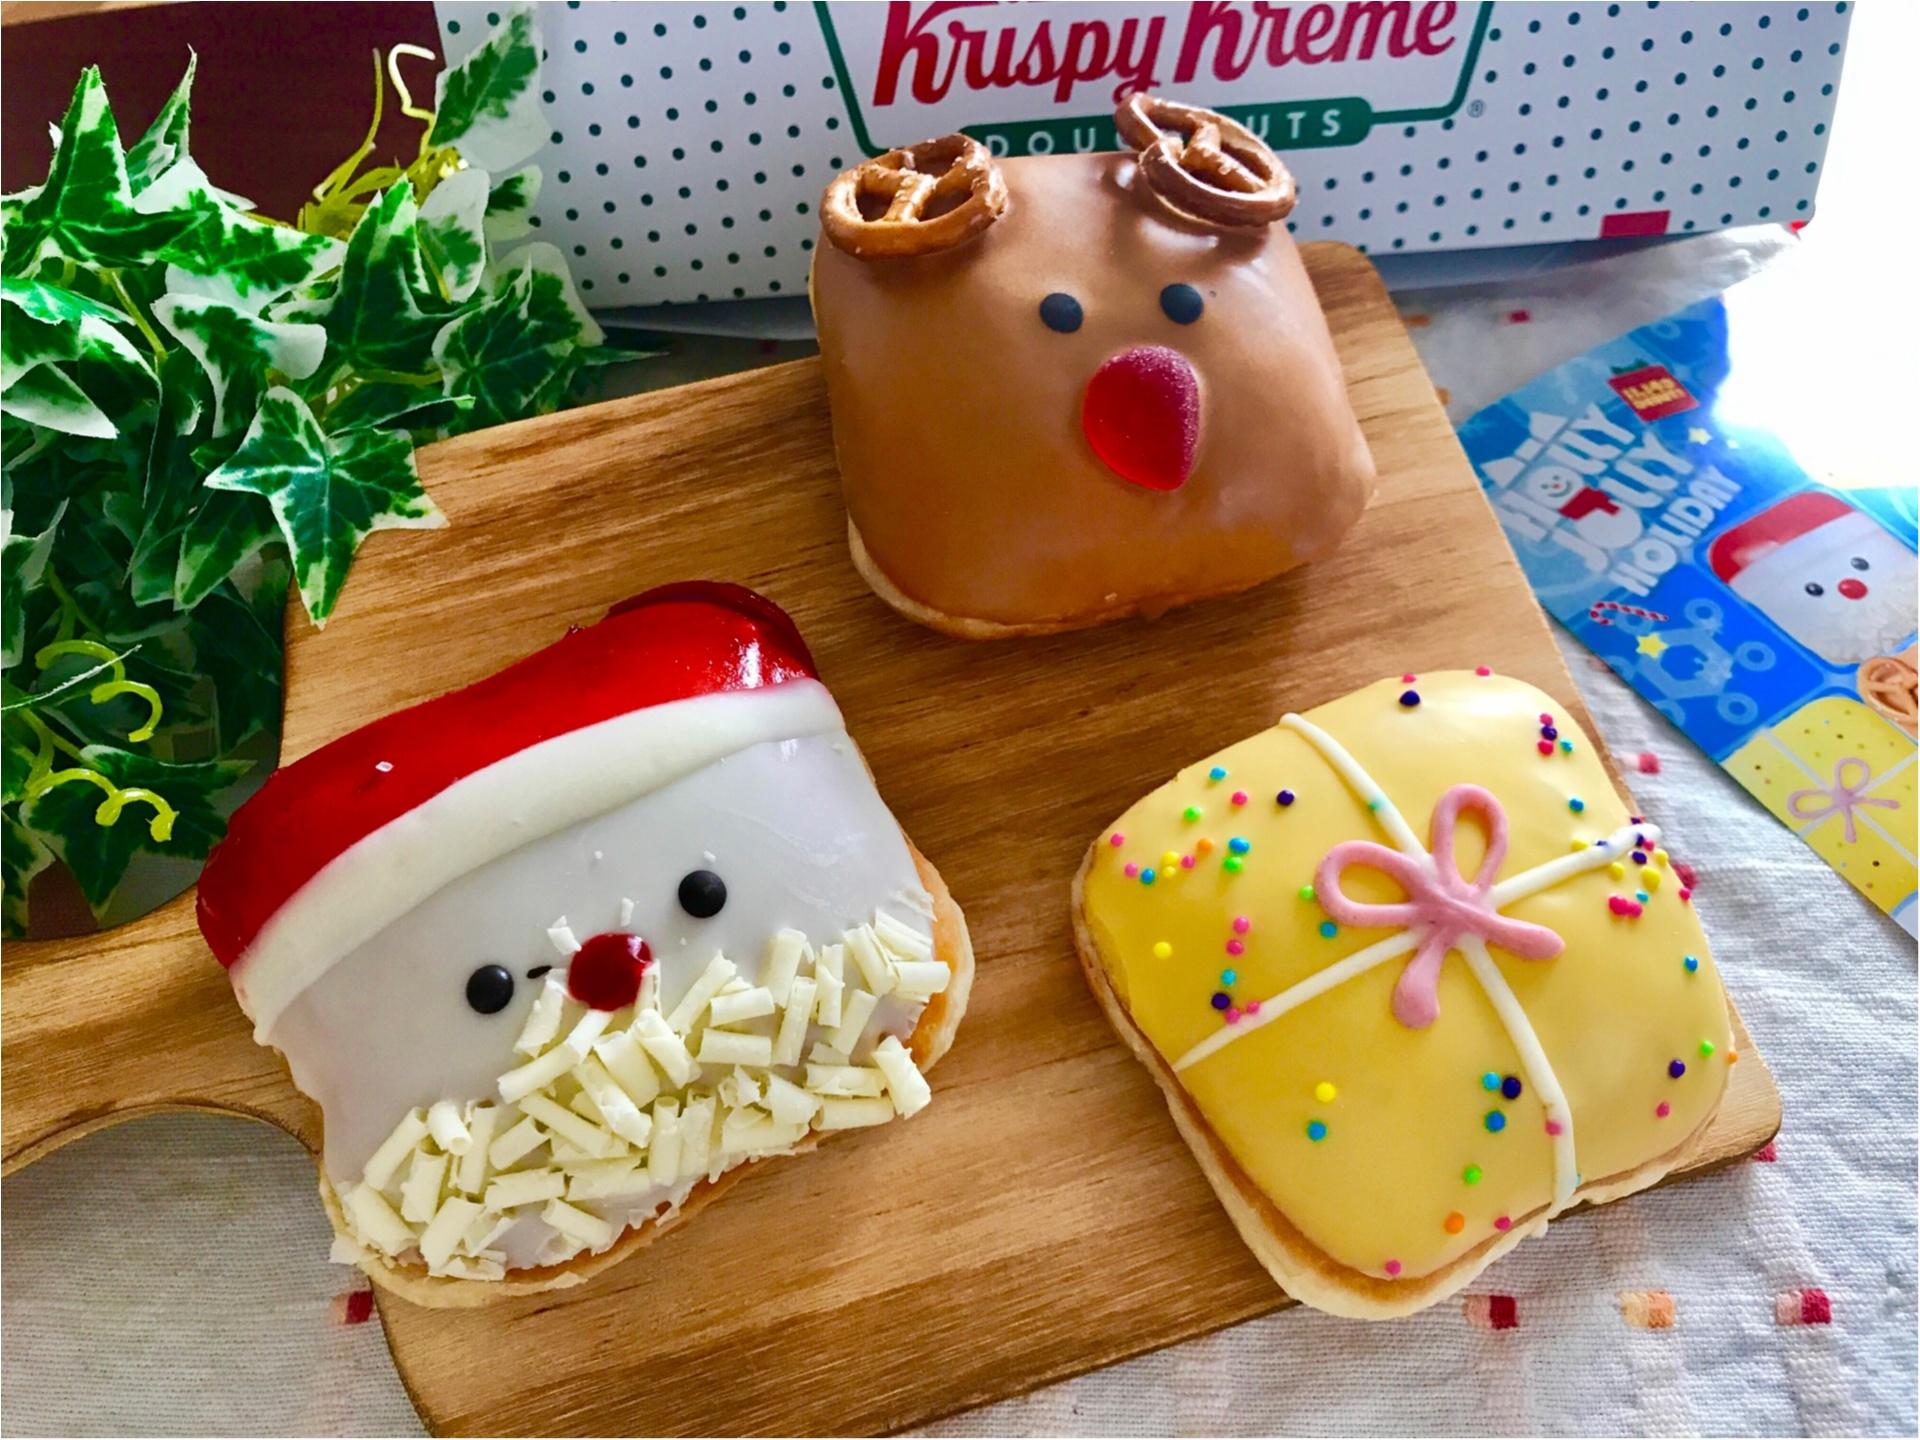 【クリスピークリームドーナツ】クリスマス限定ドーナツが可愛すぎると絶賛の嵐♡_2